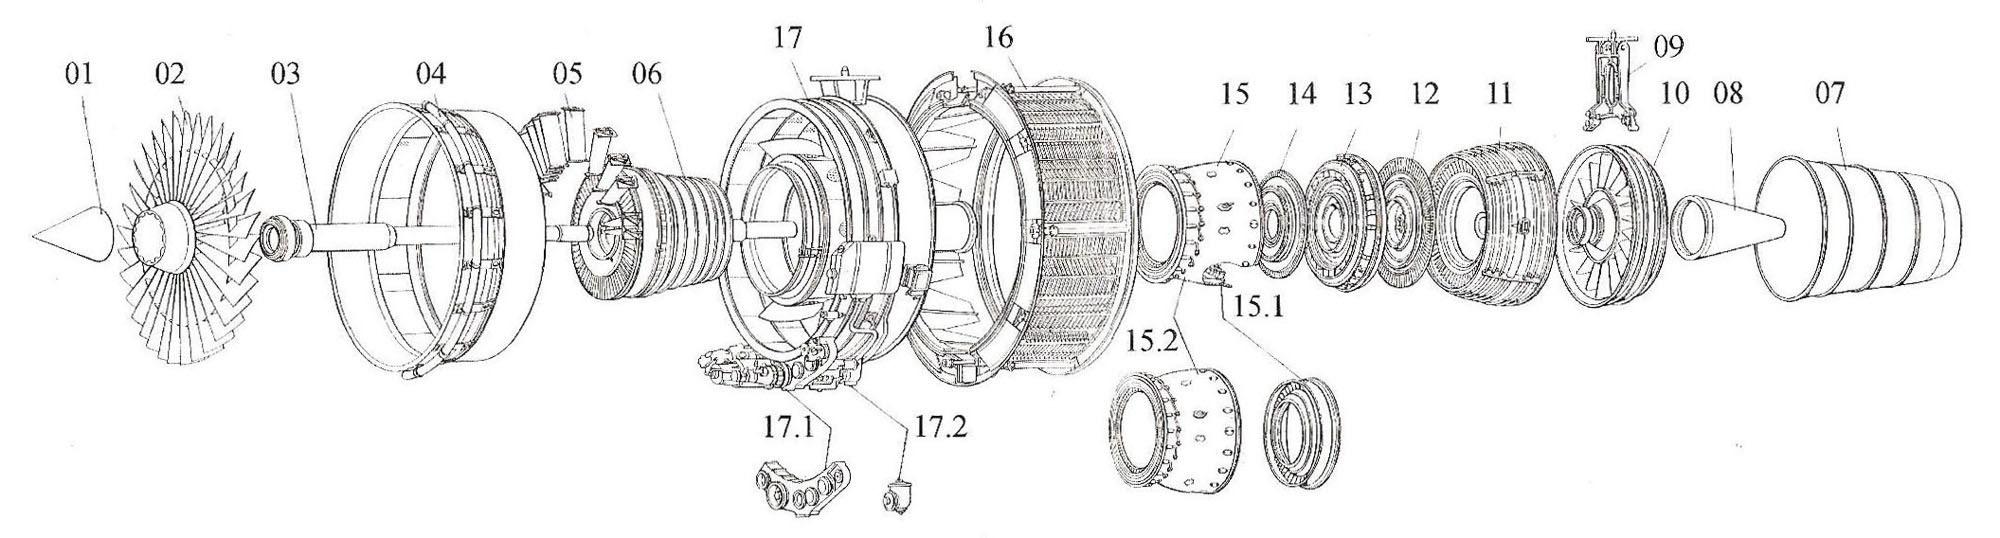 Antonov 225 Mriya Engine Composition – Jet Engine Schematics